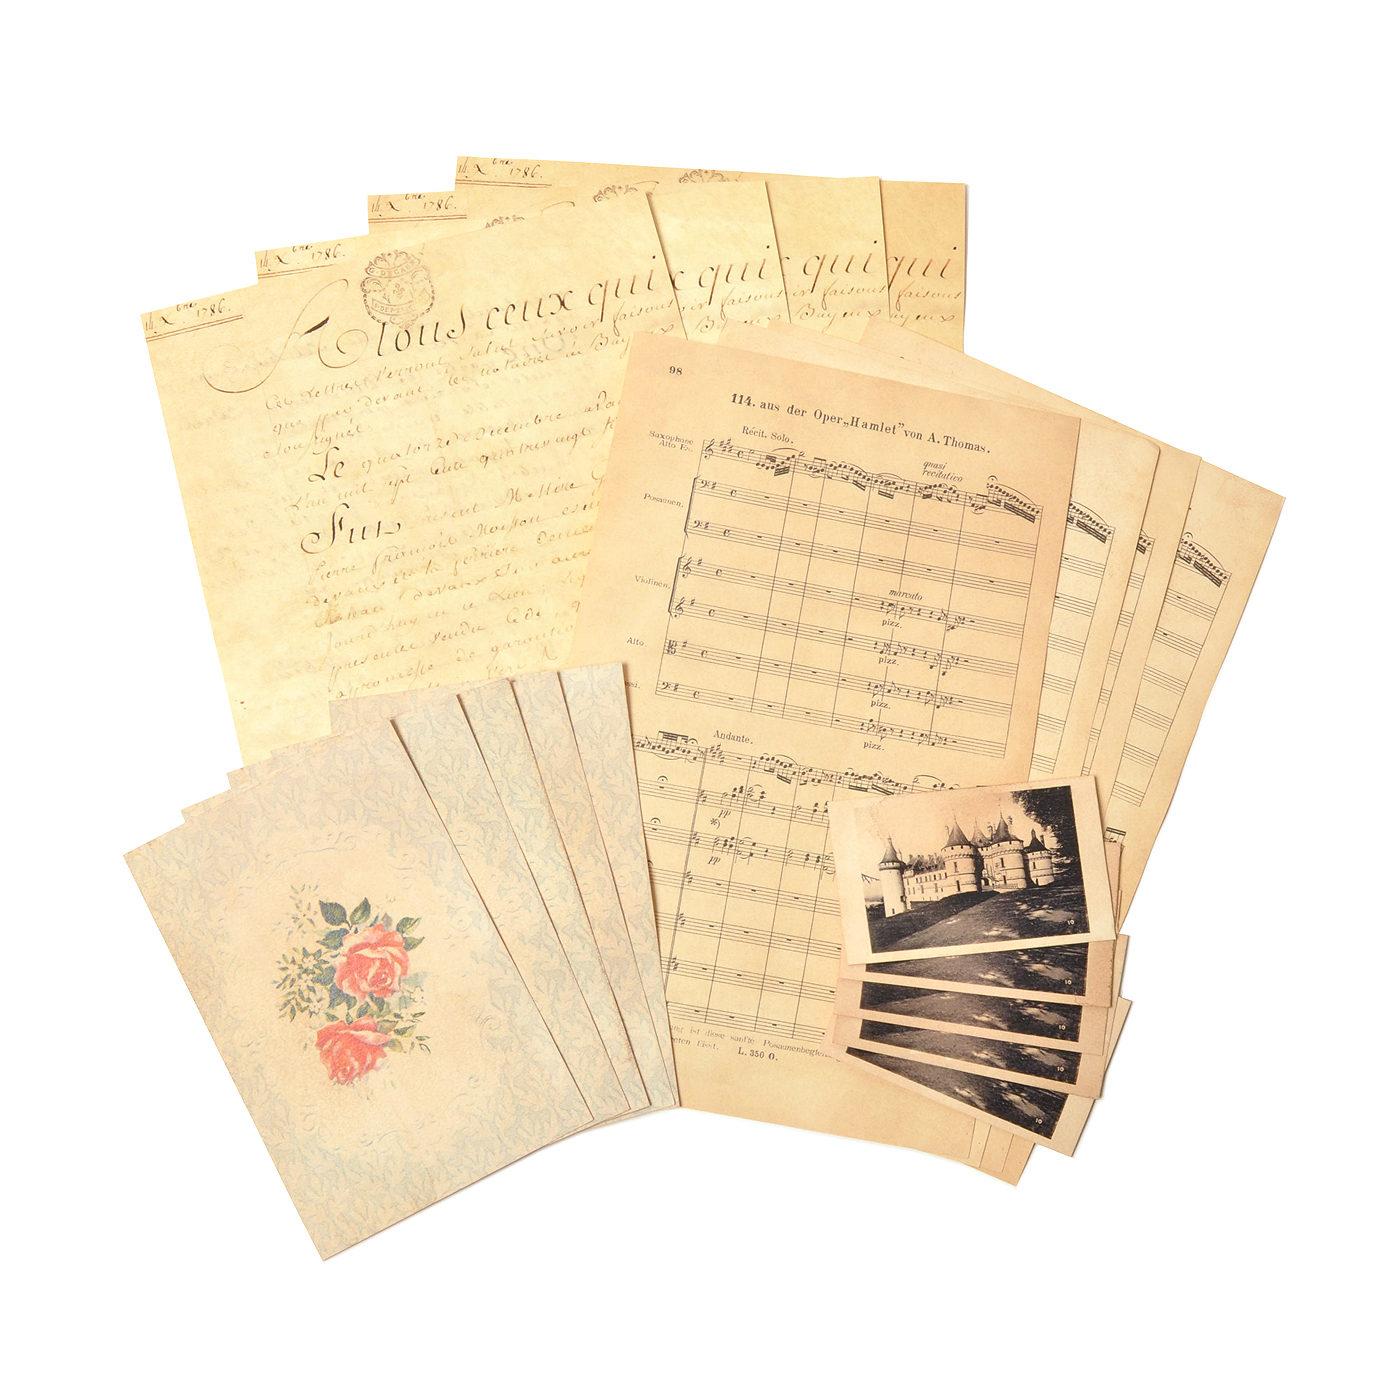 まだ紙が貴重だった昔の羊皮紙などからデザインを。裏面はメモ仕様なので手紙を書いたり、壁に貼って使っても。(便せん2種各4枚、ポストカード5枚、ミニカード5枚)